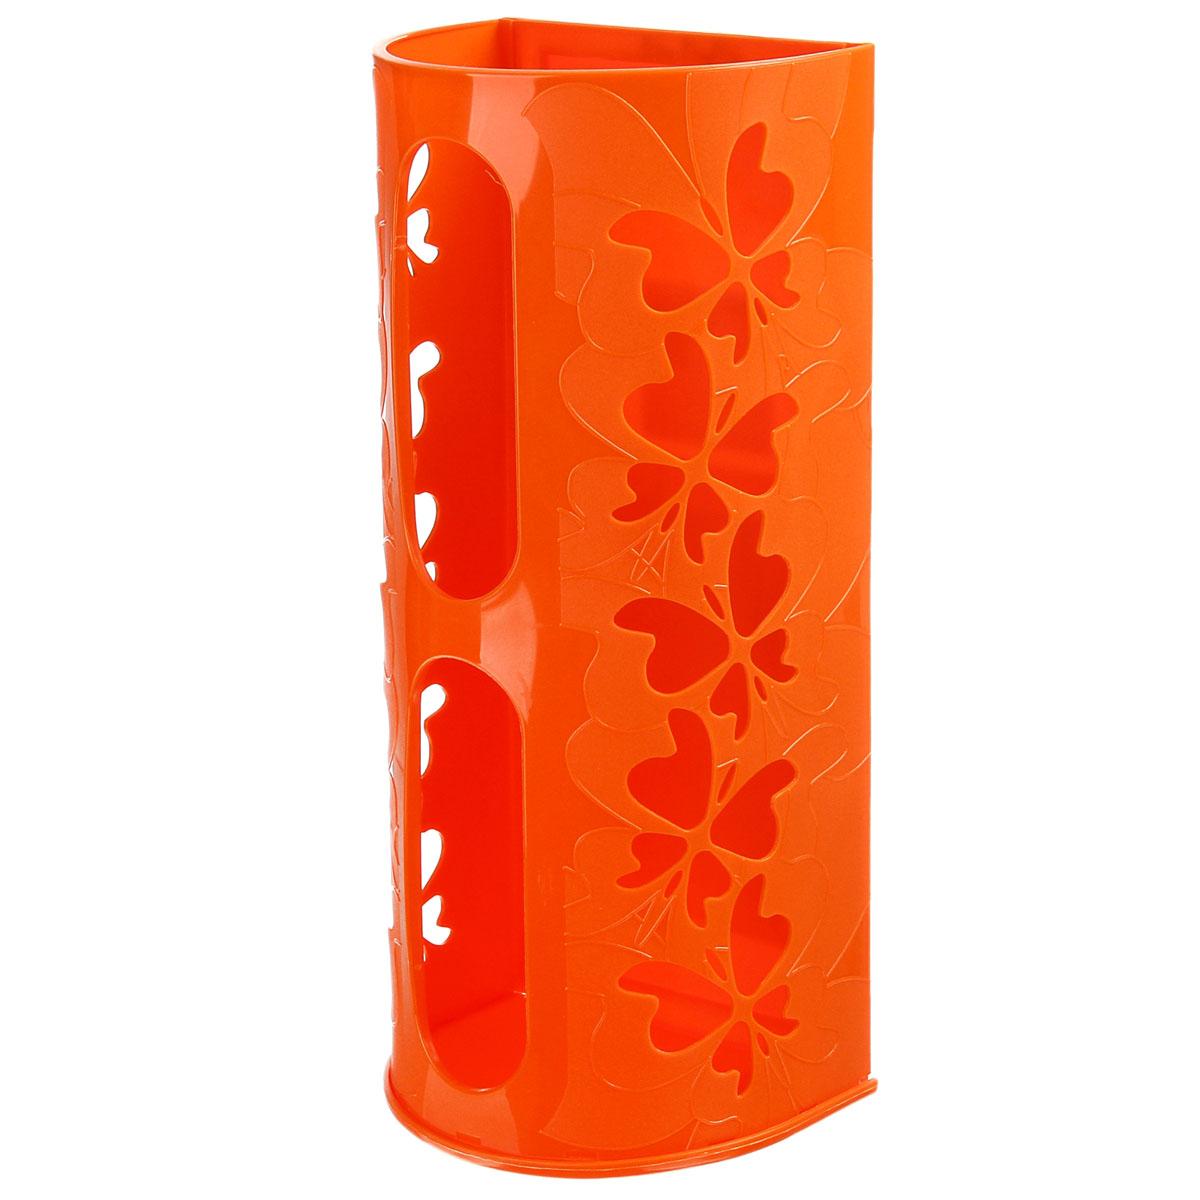 Корзина для пакетов Berossi Fly, цвет: оранжевый868660Корзина для пакетов Berossi Fly, изготовлена из высококачественного пластика. Эта практичная корзина наведет порядок в кладовке или кухонном шкафу и позволит хранить пластиковые пакеты или хозяйственные сумочки во всегда доступном месте! Изделие декорировано резным изображением бабочек. Корзина просто подвешивается на дверь шкафчика изнутри или снаружи, в зависимости от назначения. Корзина для пакетов Berossi Fly будет замечательным подарком для поддержания чистоты и порядка. Она сэкономит место, гармонично впишется в интерьер и будет радовать вас уникальным дизайном.